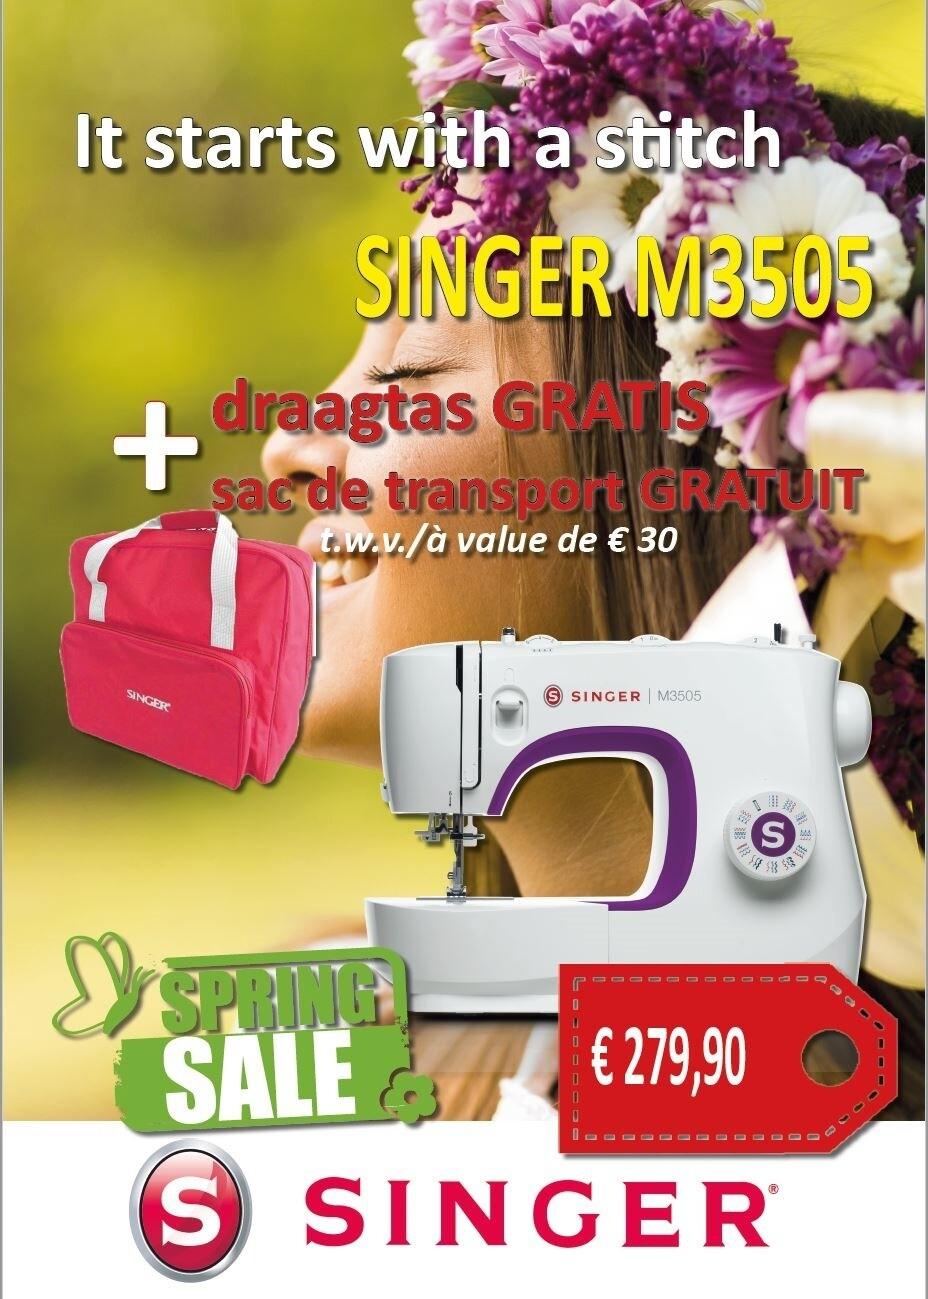 Singer 3505 met gratis draagtas